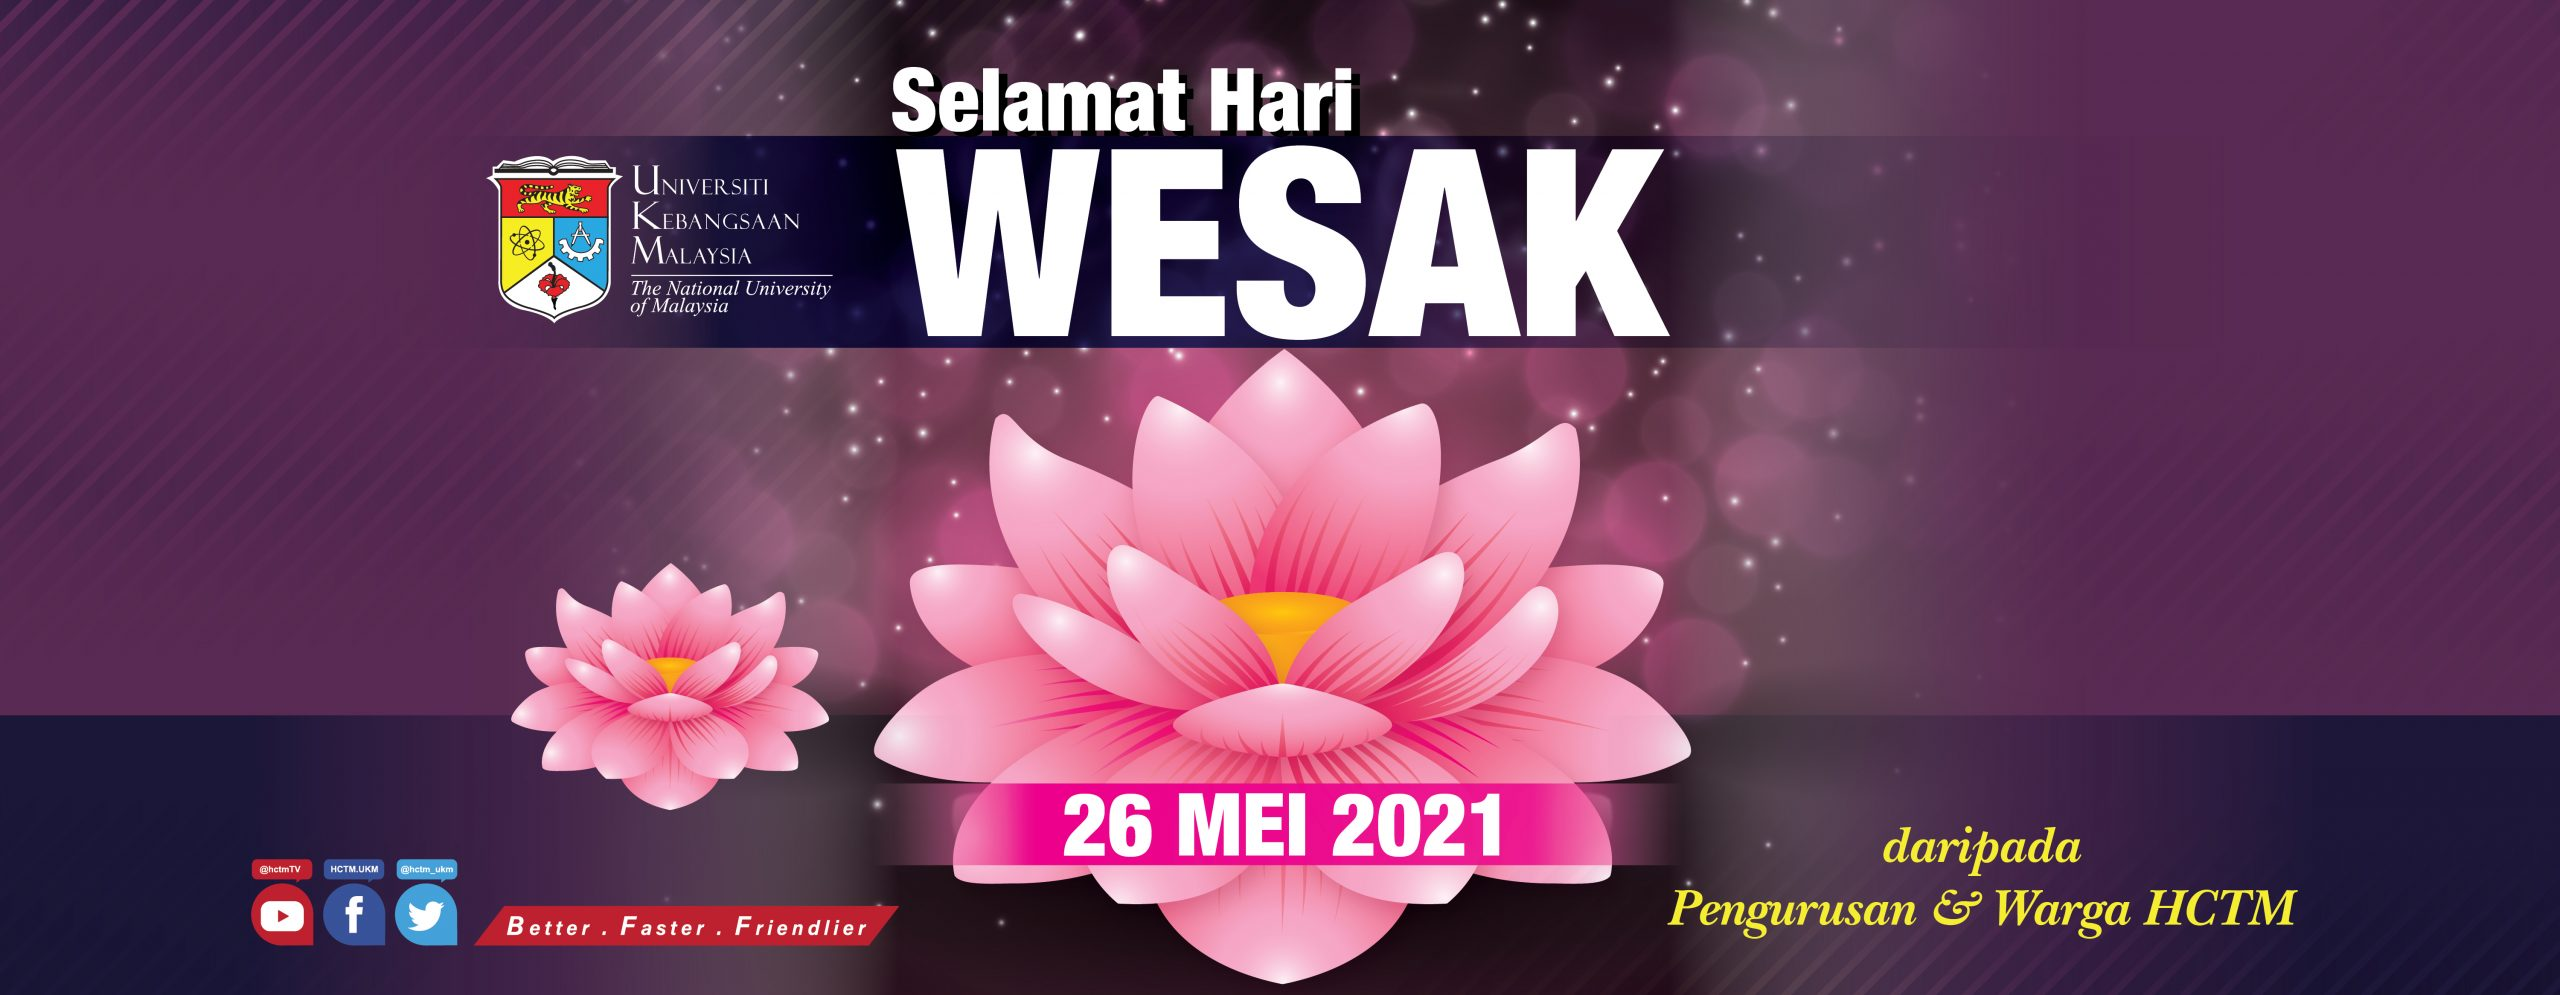 SELAMAT HARI WESAK 2021